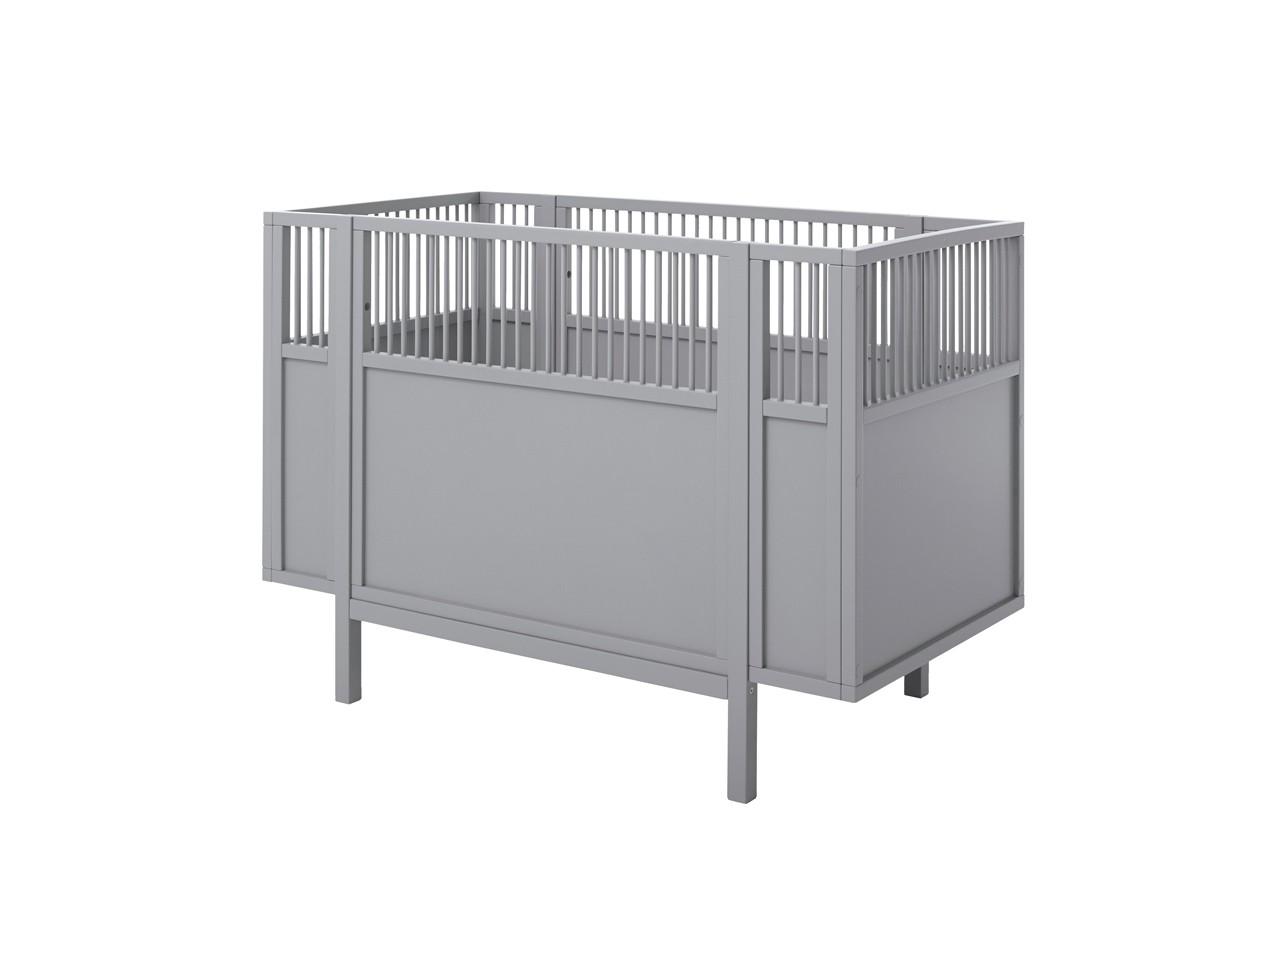 Lifetime Babybett 60x120 grau 7022